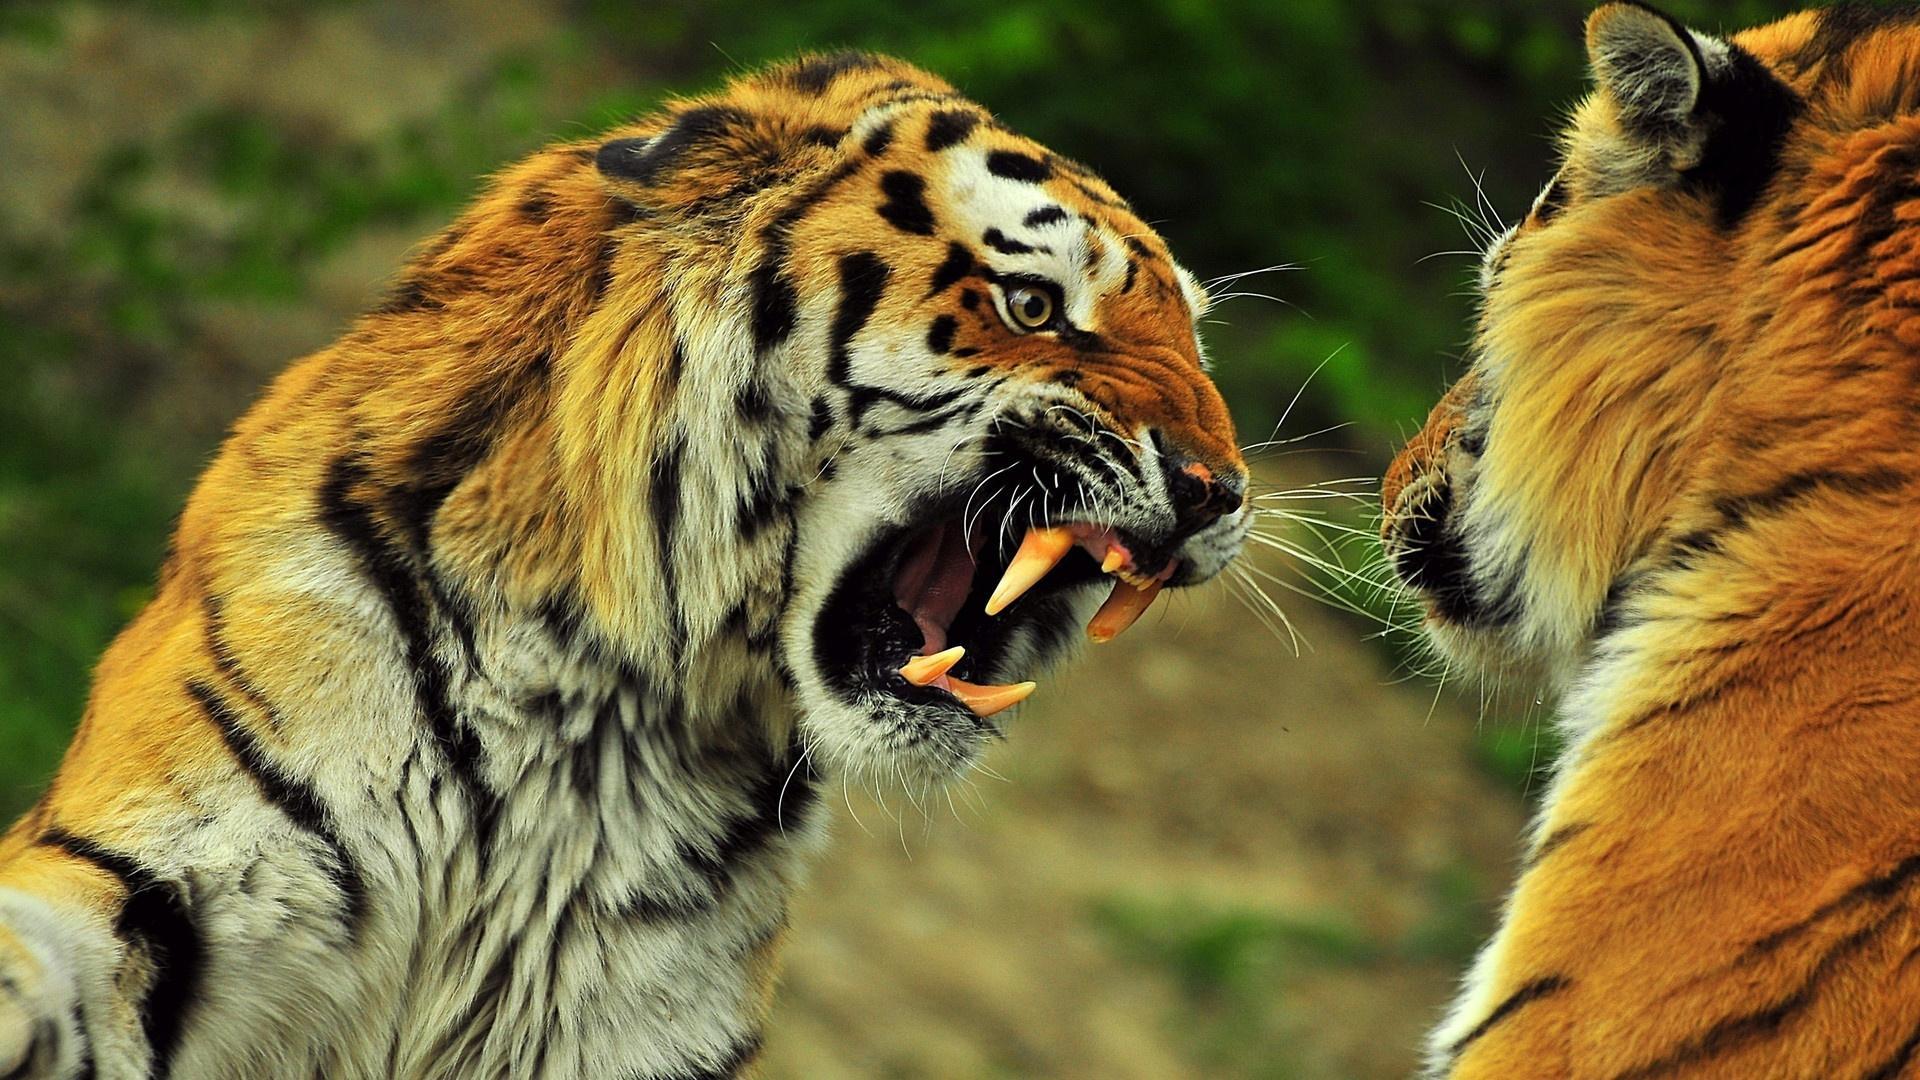 tigr hunt14